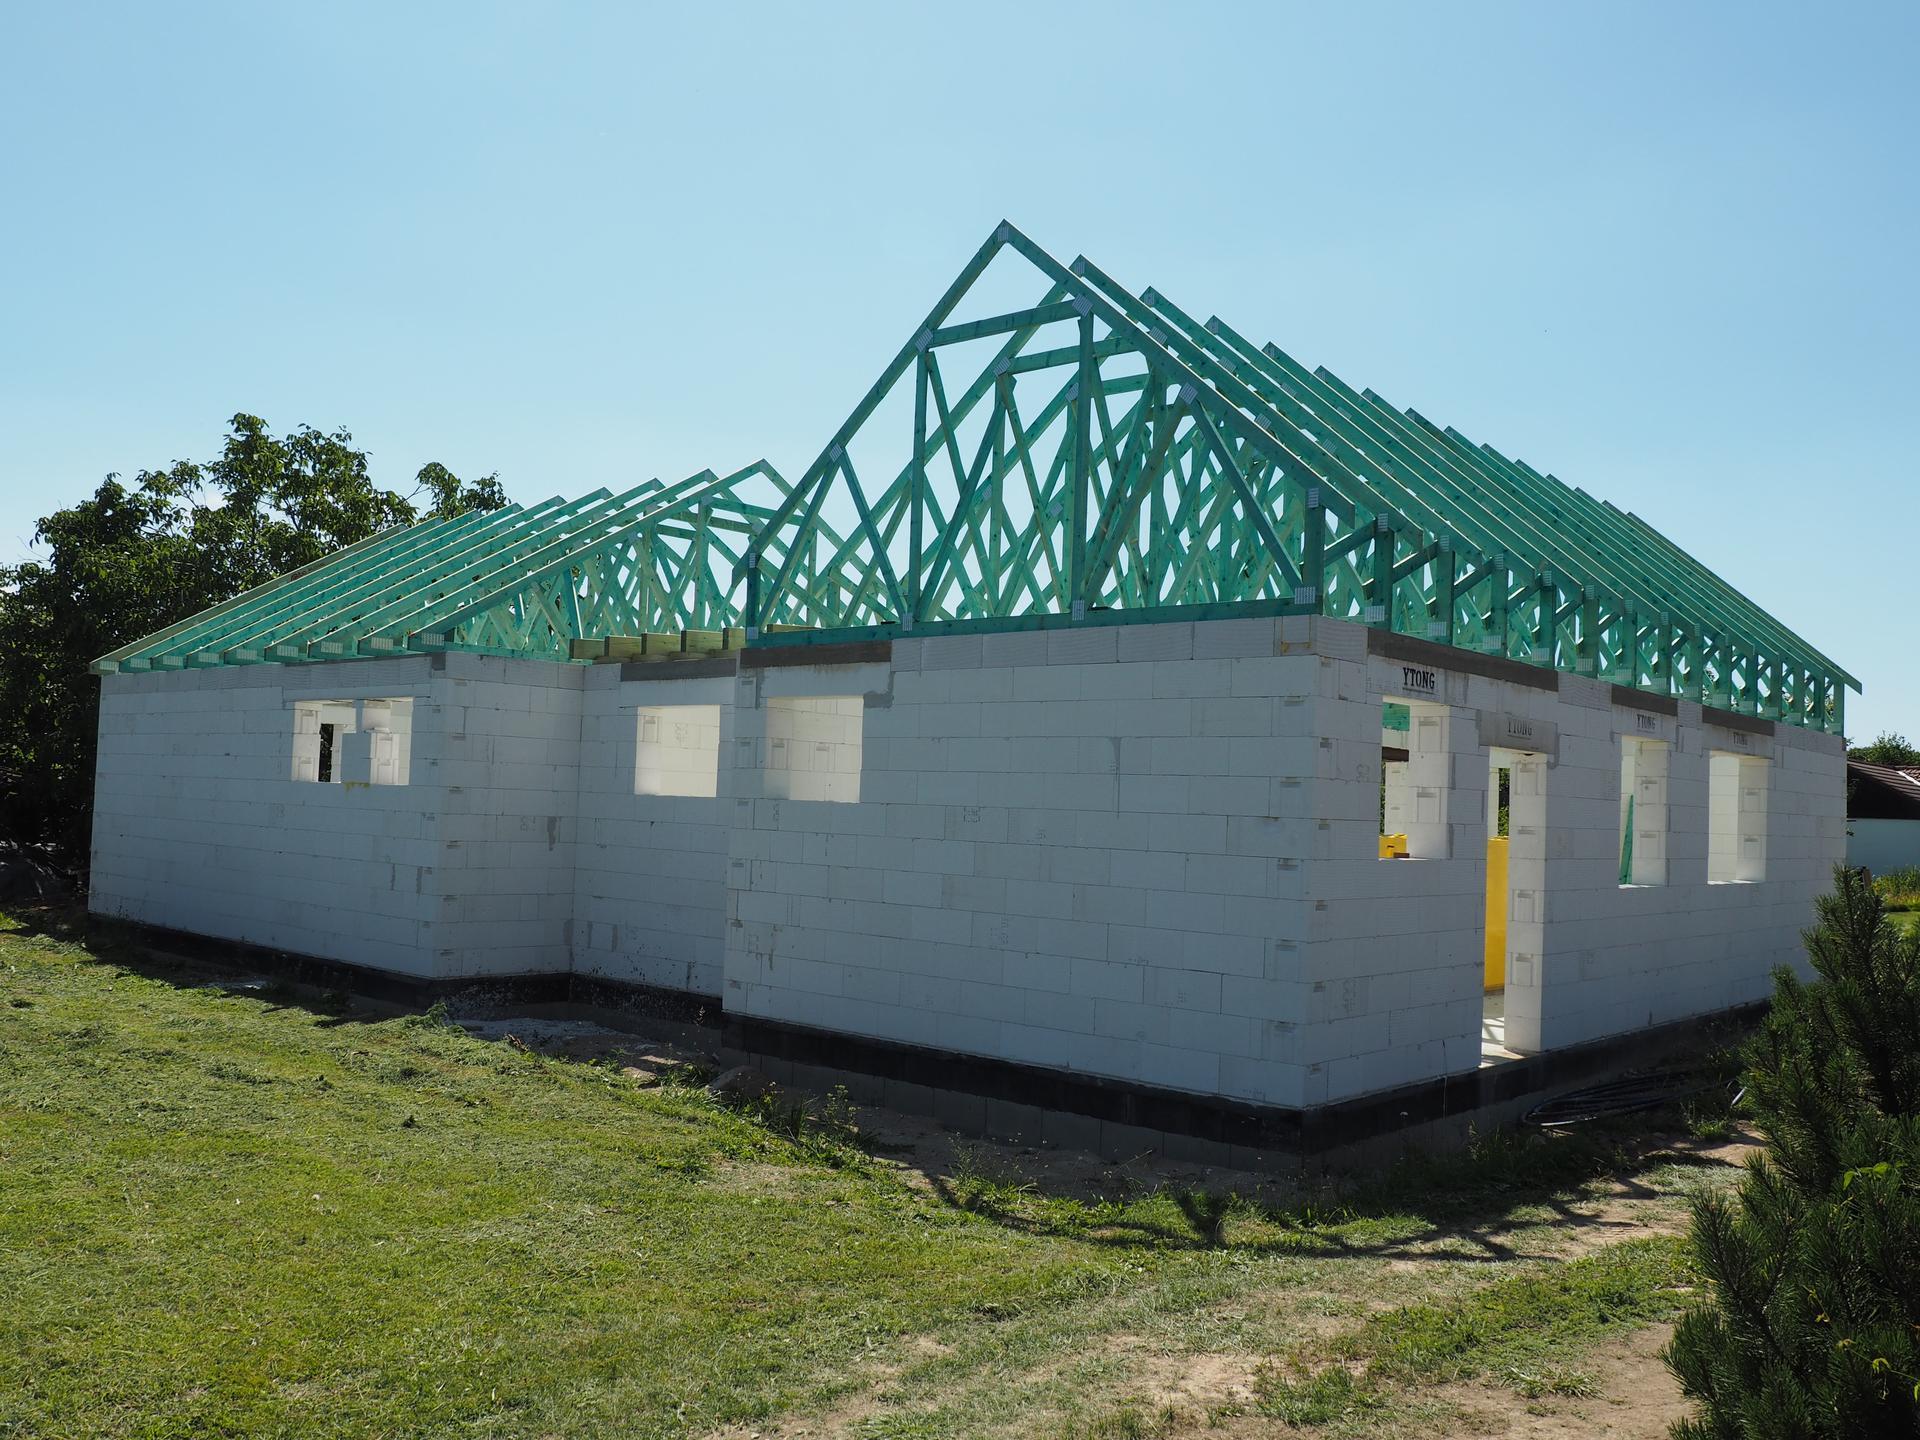 Dům do L - stavba 2020/2021 - 22.7.2020 Hotový krov